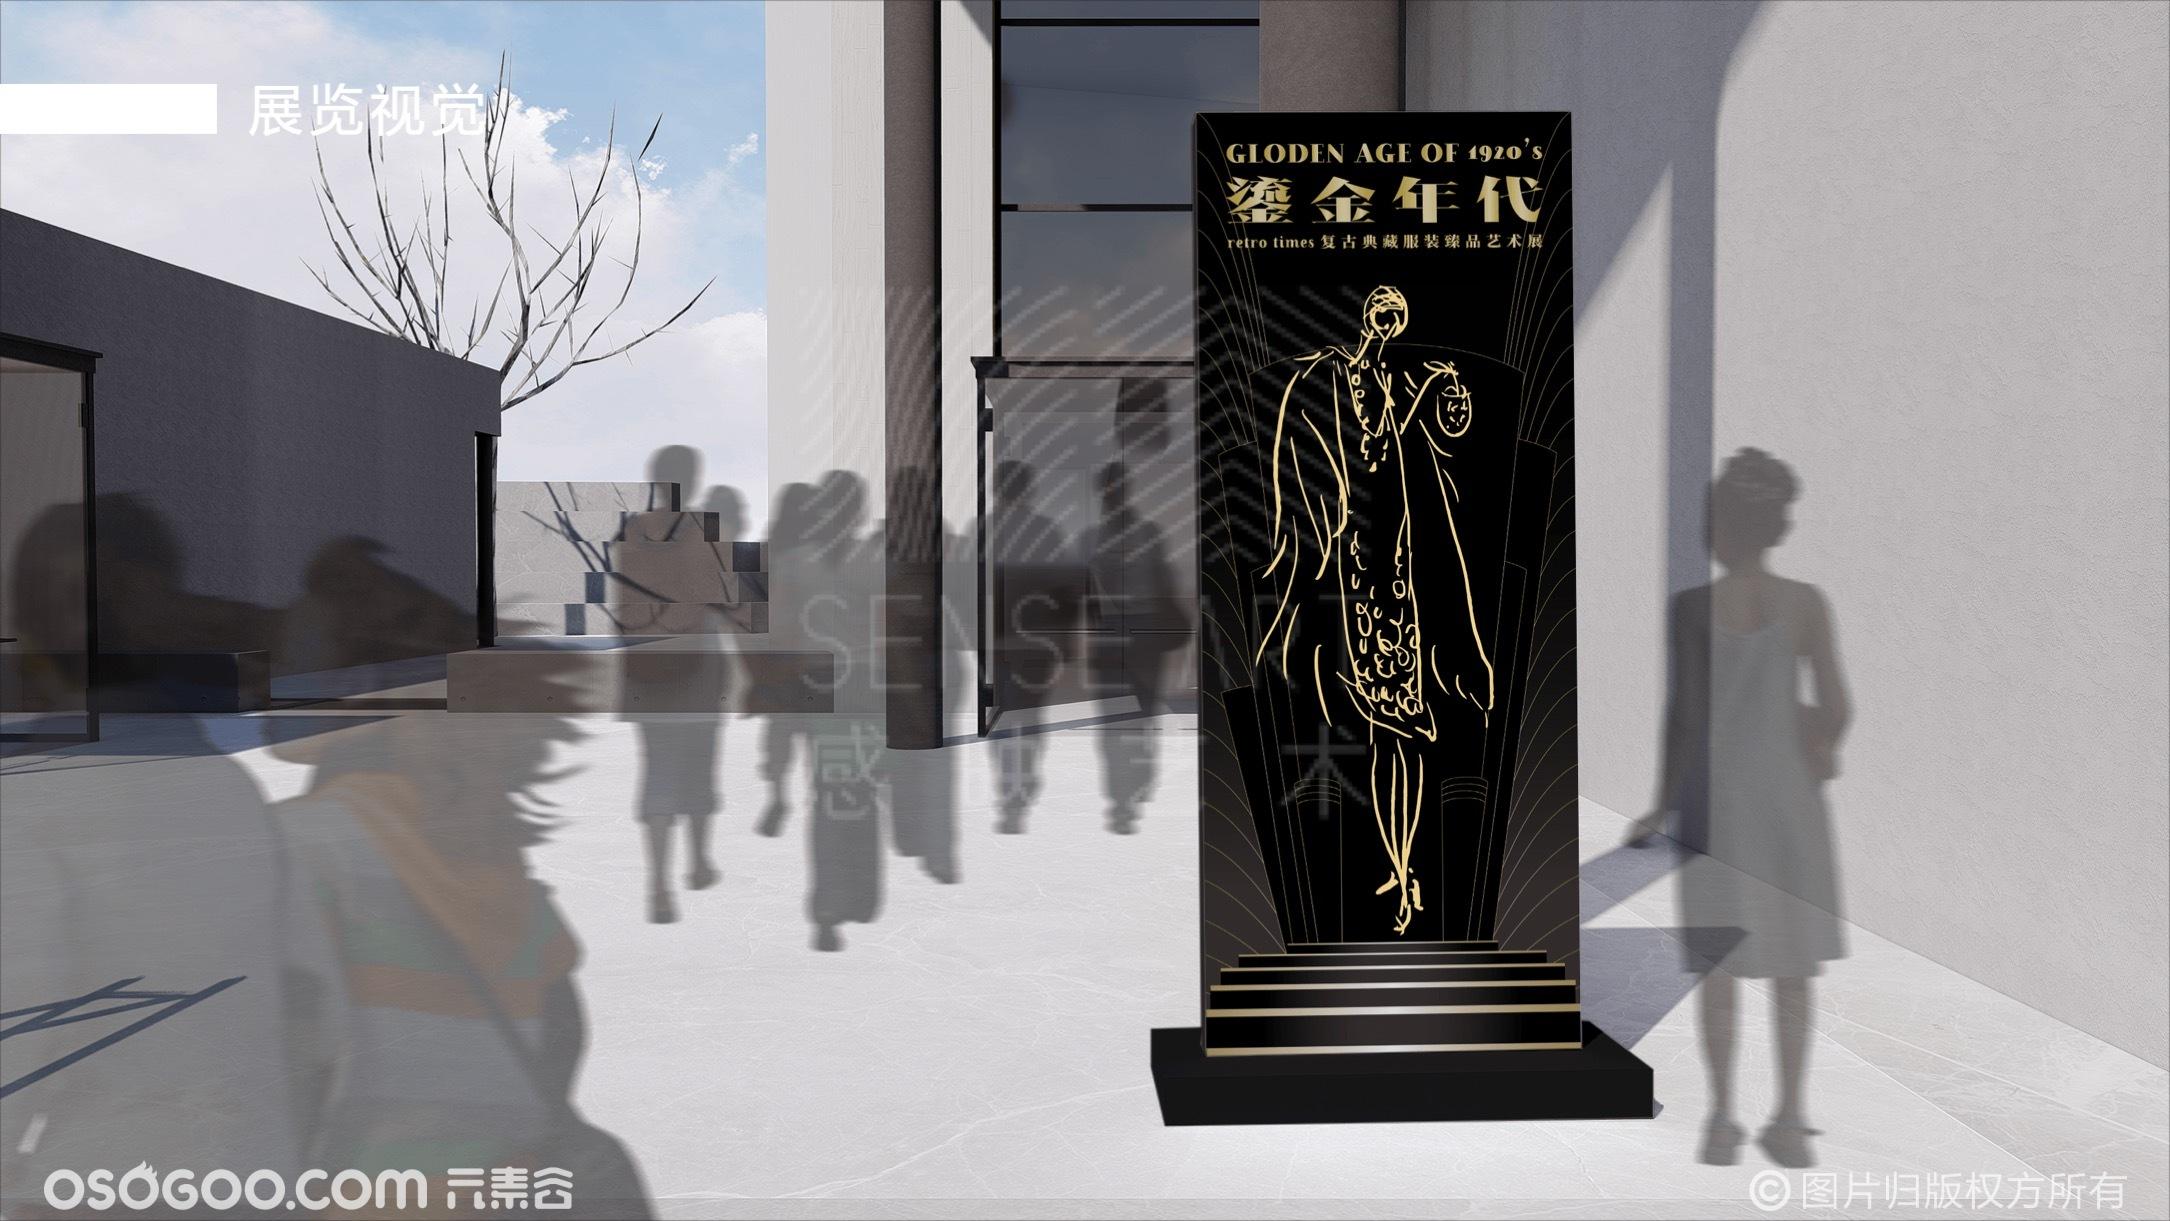 1920s复古典藏服装臻品艺术展【鎏金年代】—感映艺术出品